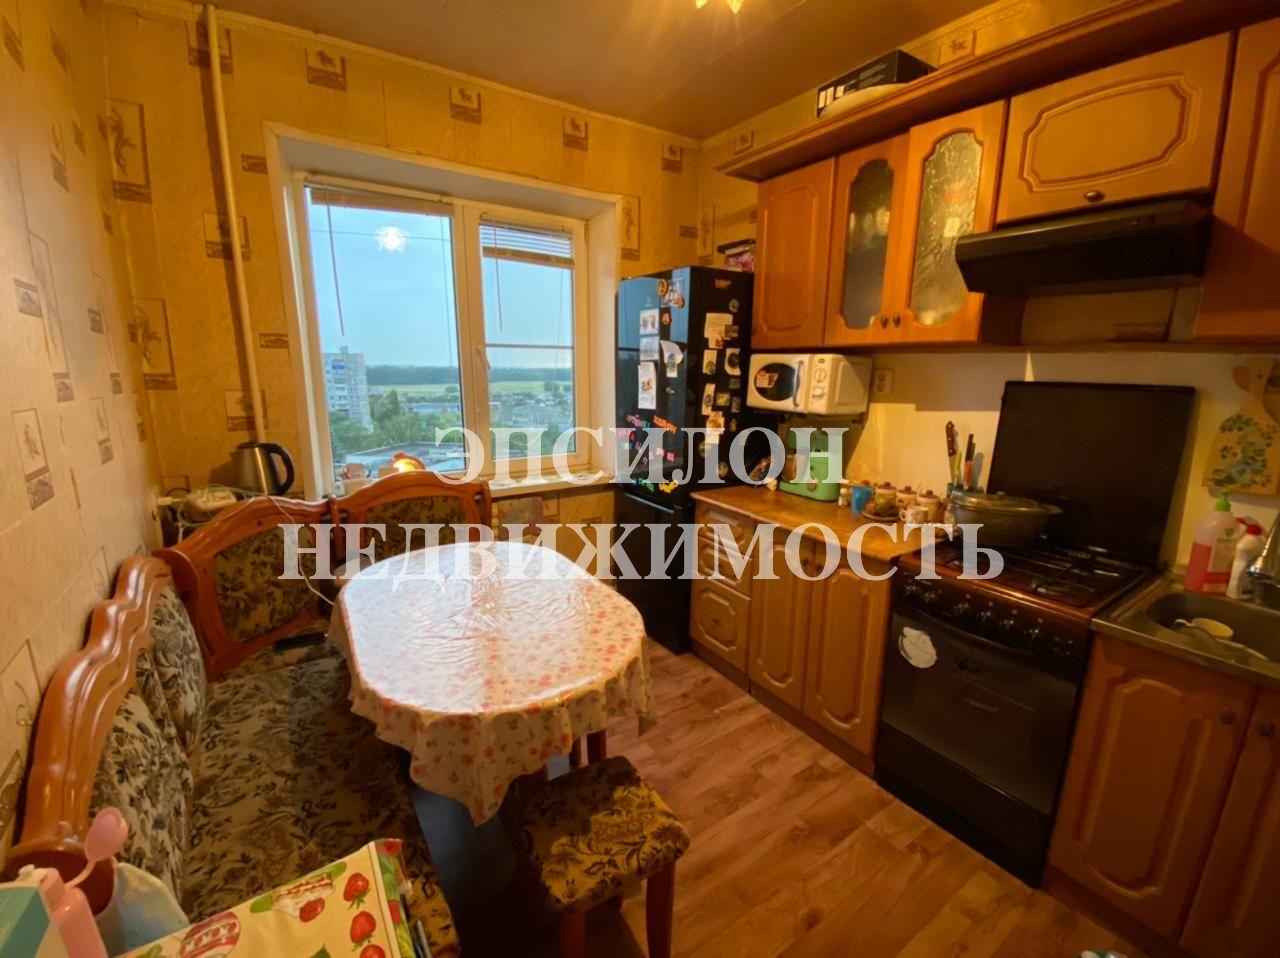 Продам 2-комнатную квартиру в городе Курск, на улице Крюкова, 18, 9-этаж 9-этажного Панель дома, площадь: 47/28/8 м2